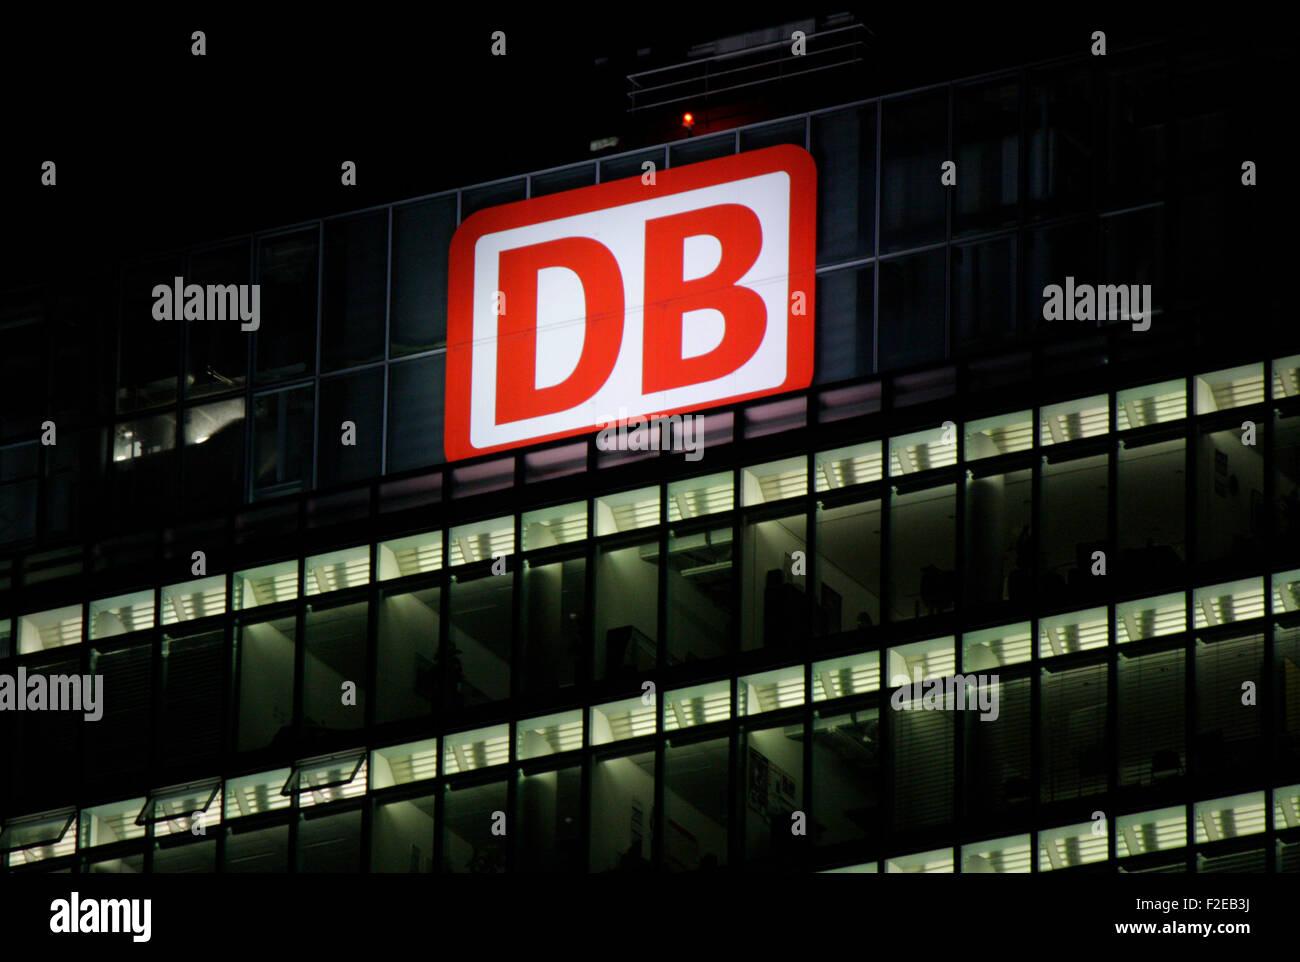 """NOVEMBER 2013 - BERLIN: Marken: das Logo der deutschen Logistikunternehmens """"DB - Deutsche Bahn"""", Berlin. Stockbild"""